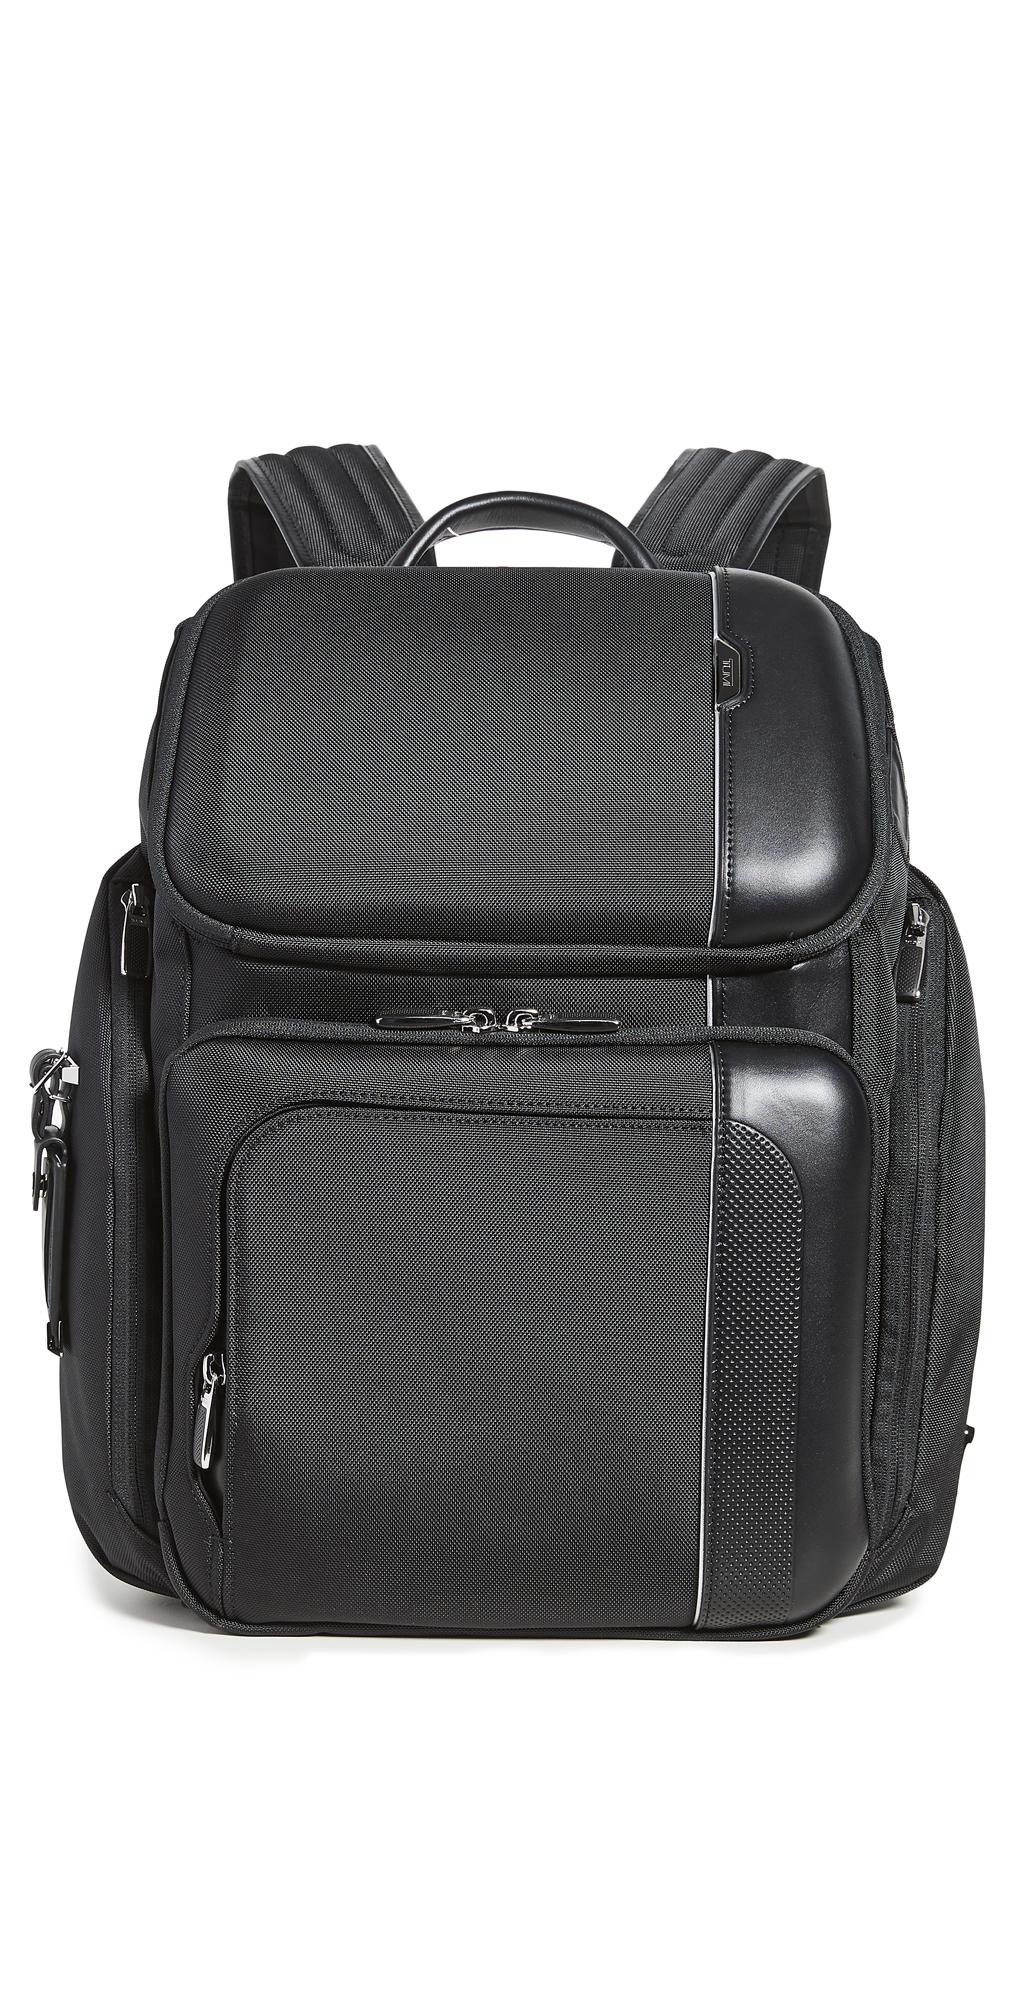 Tumi Arrive Ford Backpack